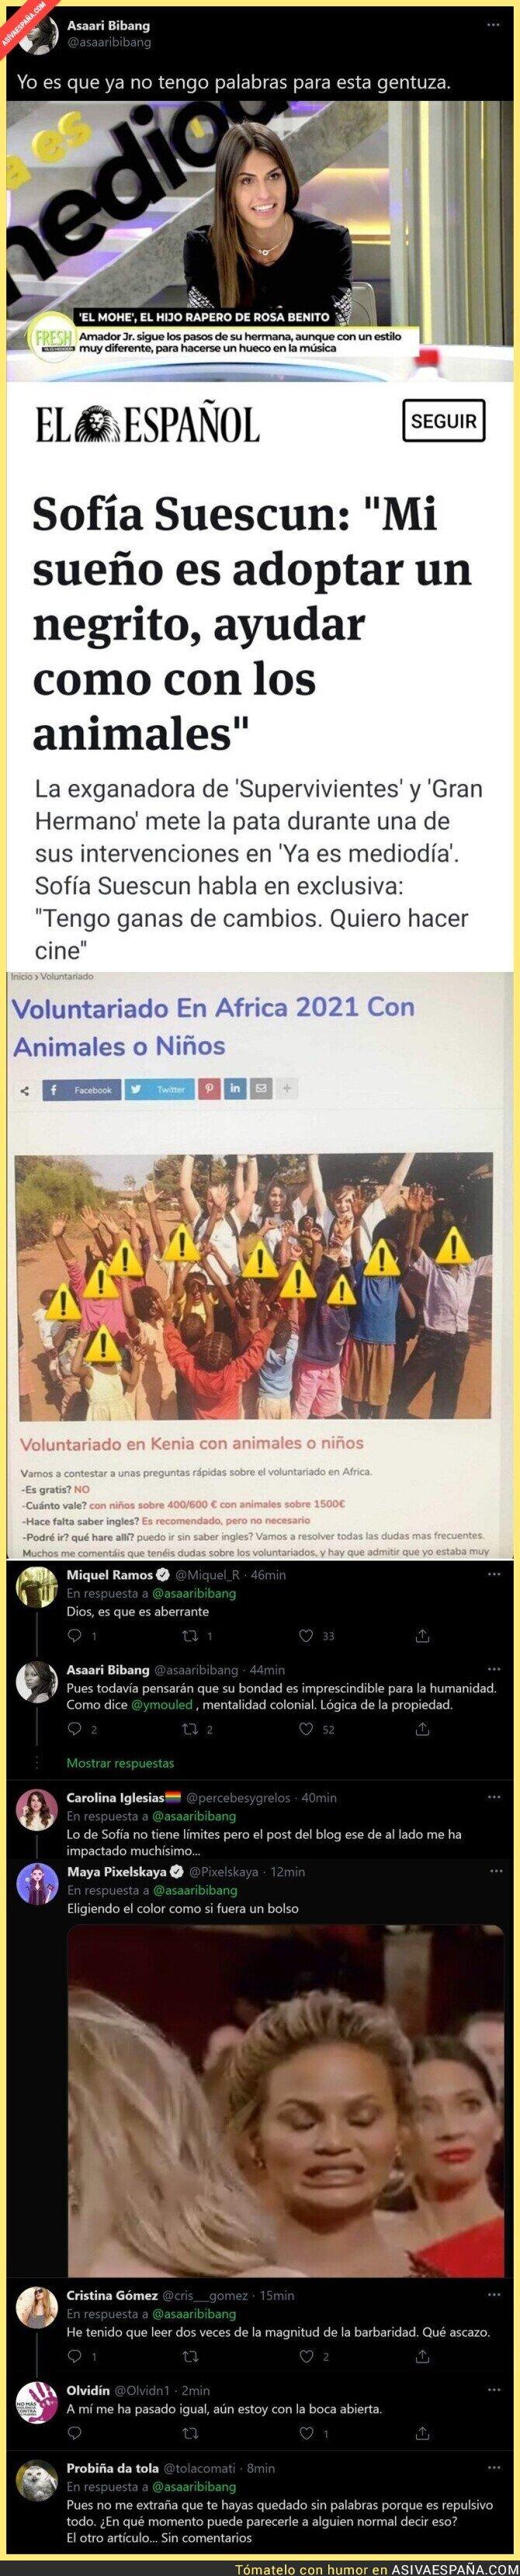 619182 - Las polémicas y lamentables declaraciones de Sofía Suescun en Telecinco sobre los niños que le gustaría adoptar en un futuro